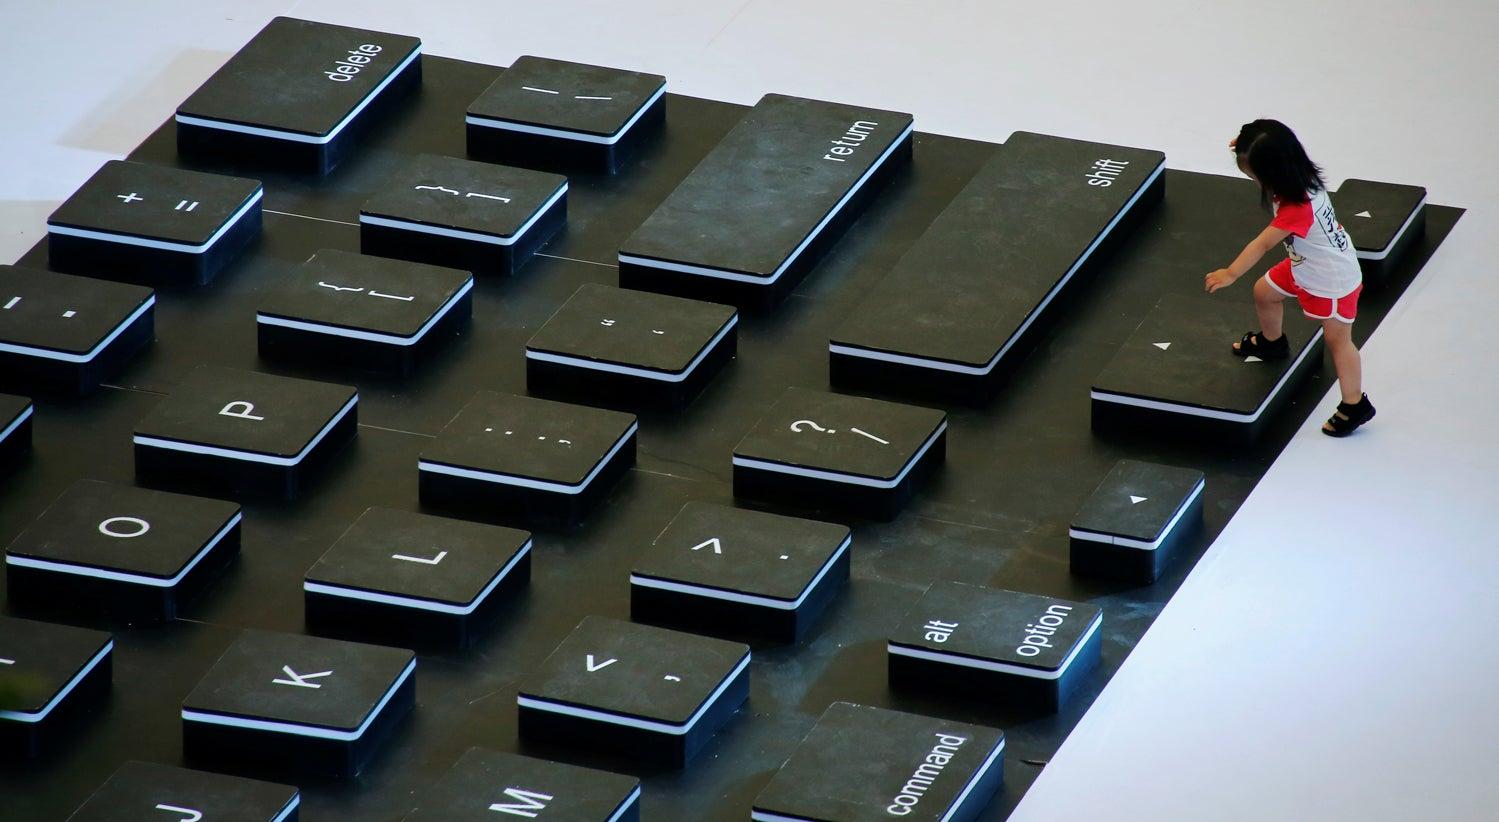 País - Literacia computacional vale 15 mil empregos em Portugal